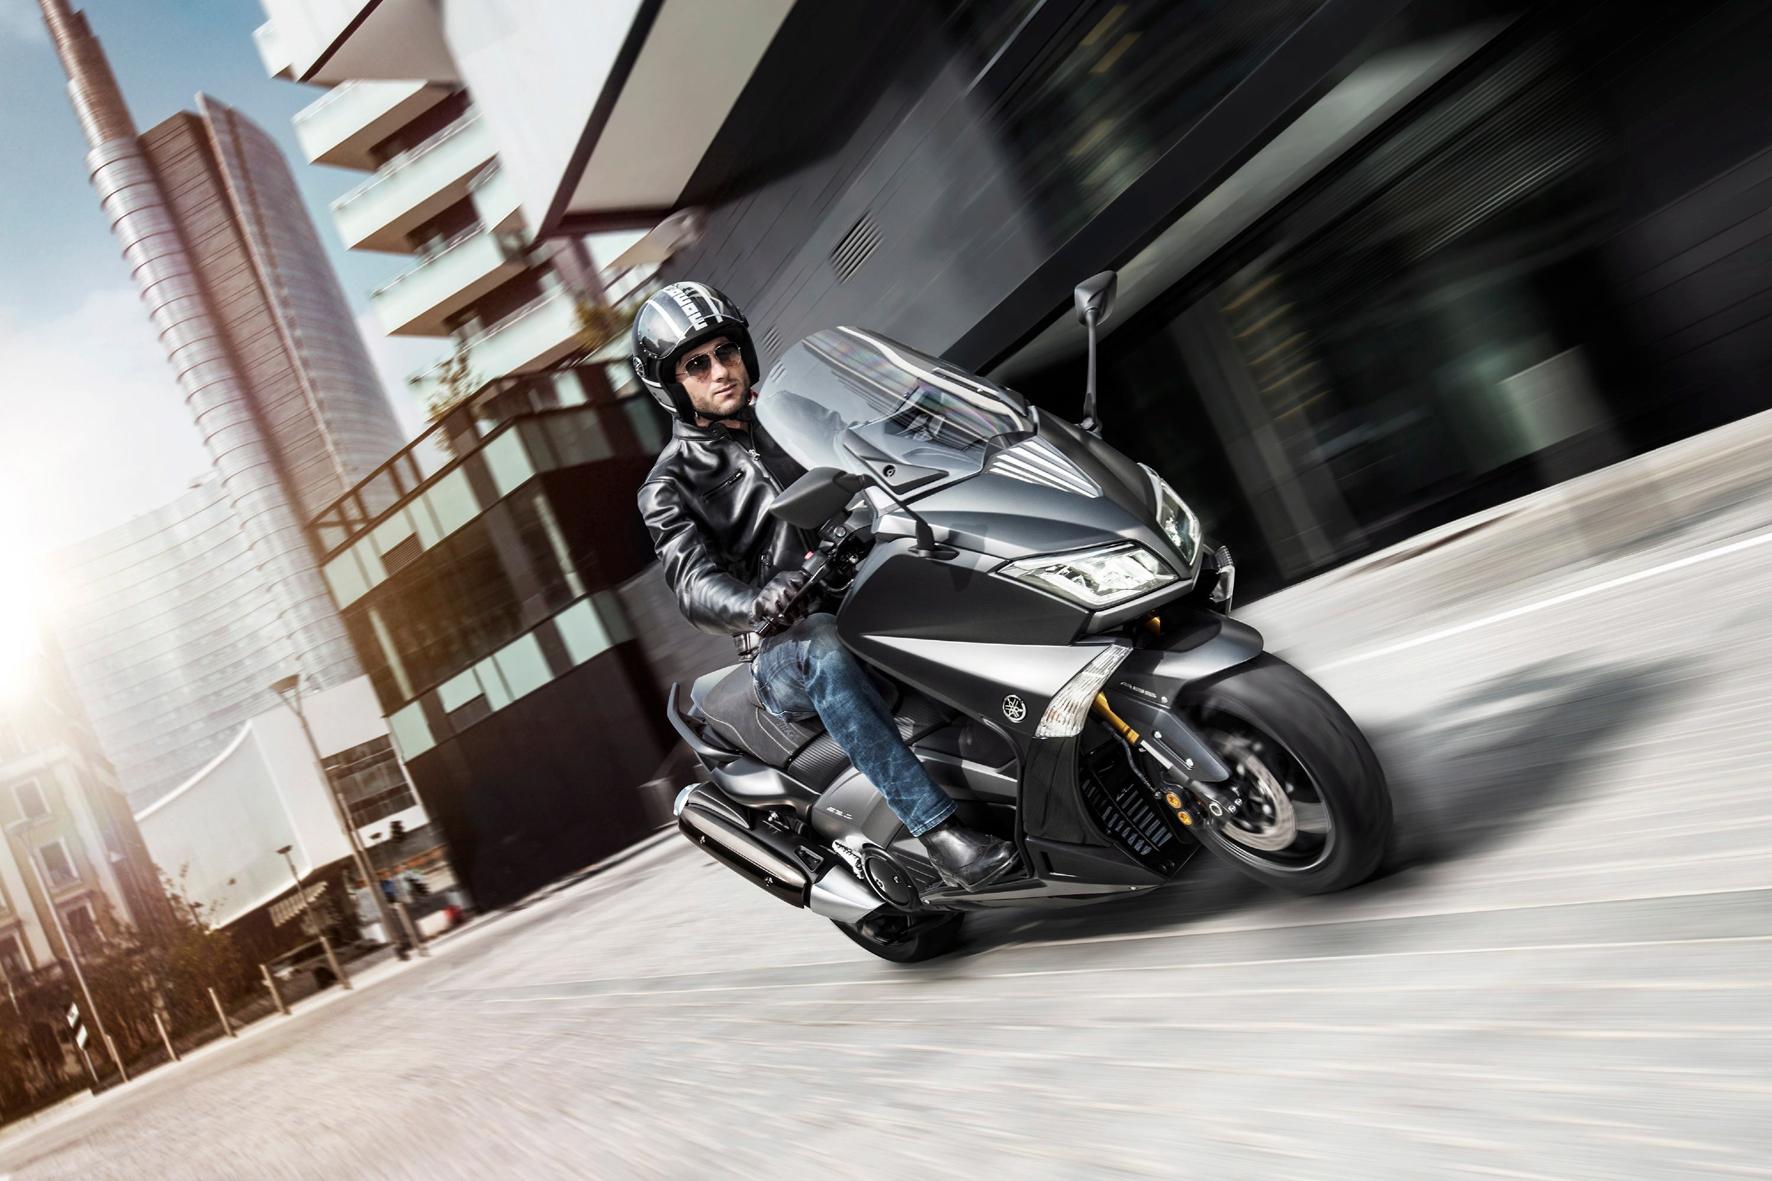 Yamaha TMax Iron Max: Strammer Max